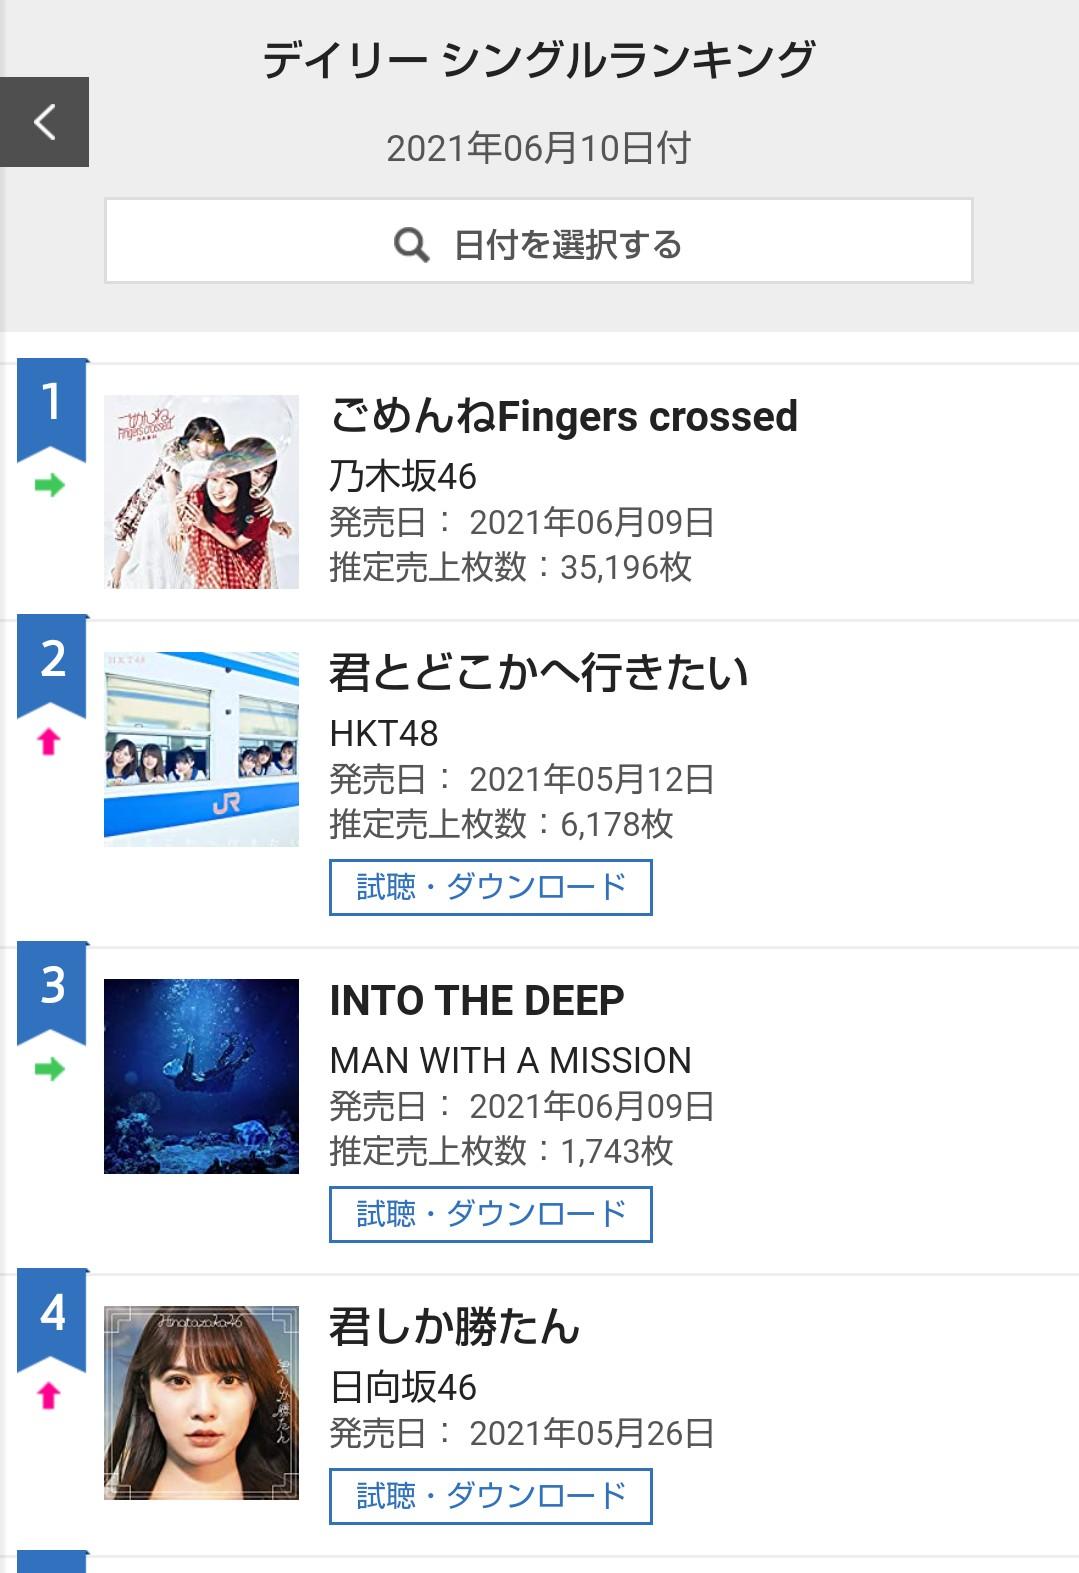 乃木坂46 27thシングル「ごめんねFingers crossed」3日目売上